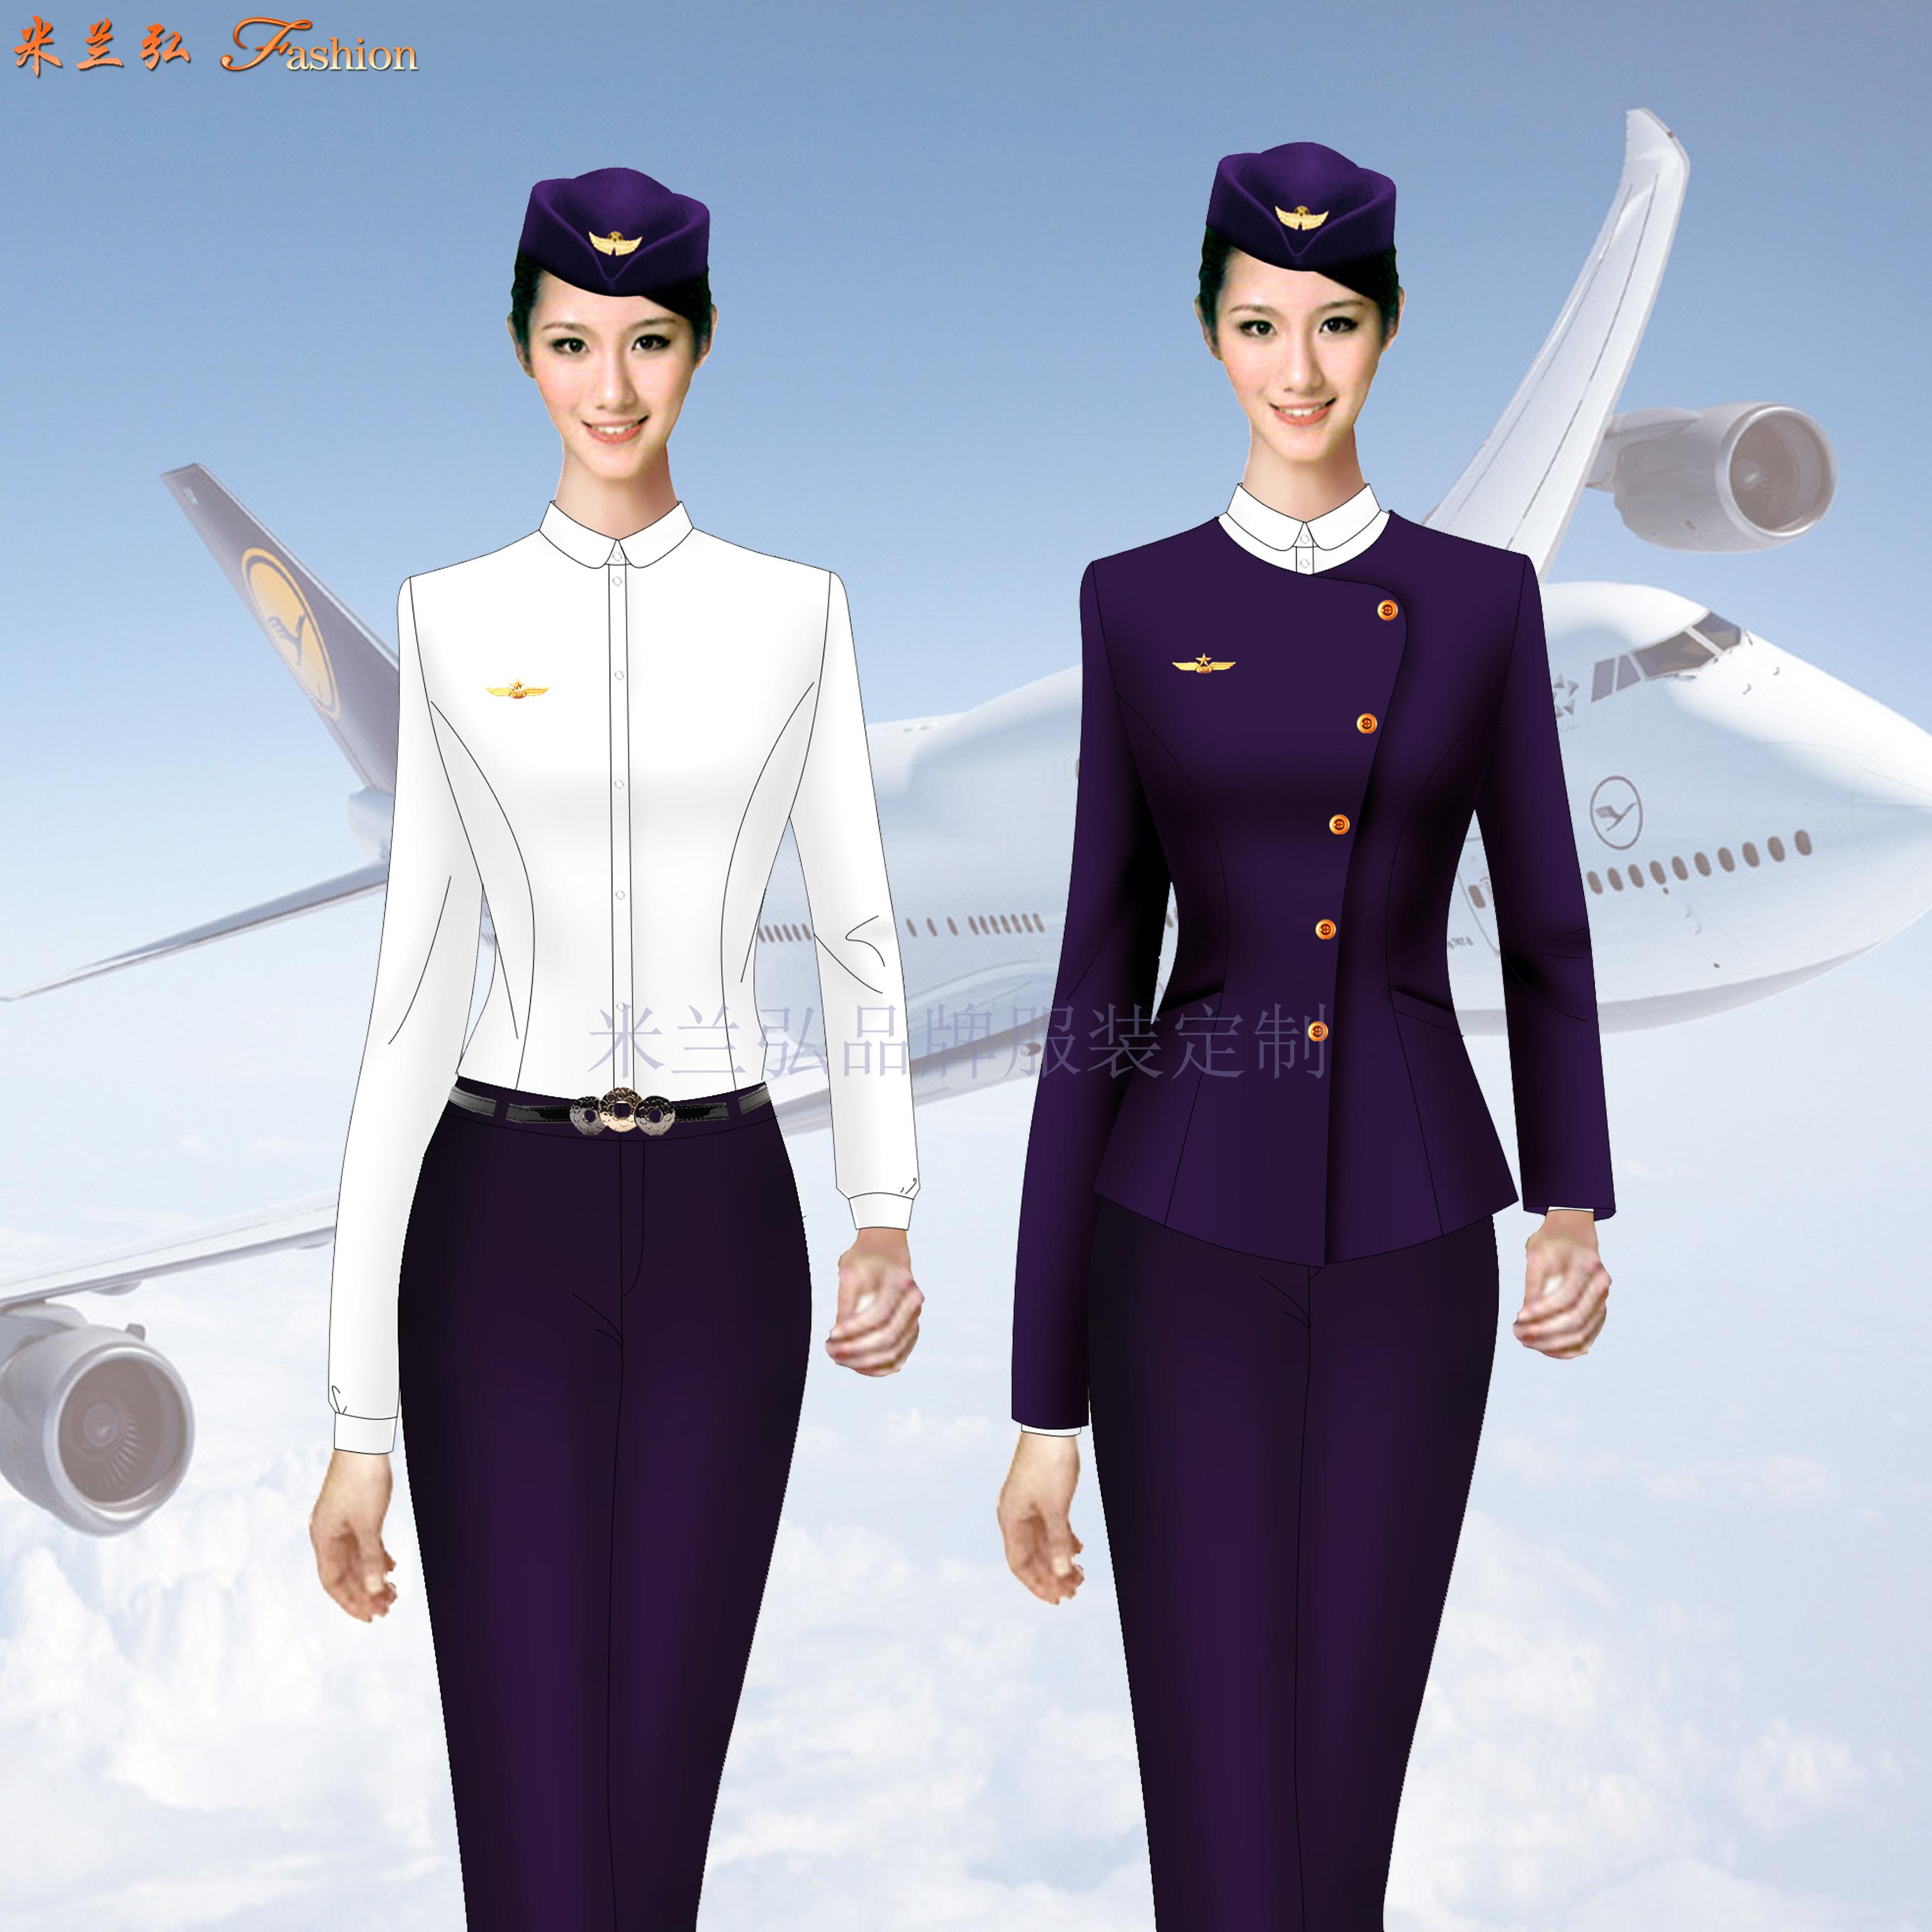 上海地鐵製服_上海地鐵工裝製服訂做-最新送体验金网站服裝廠家-1